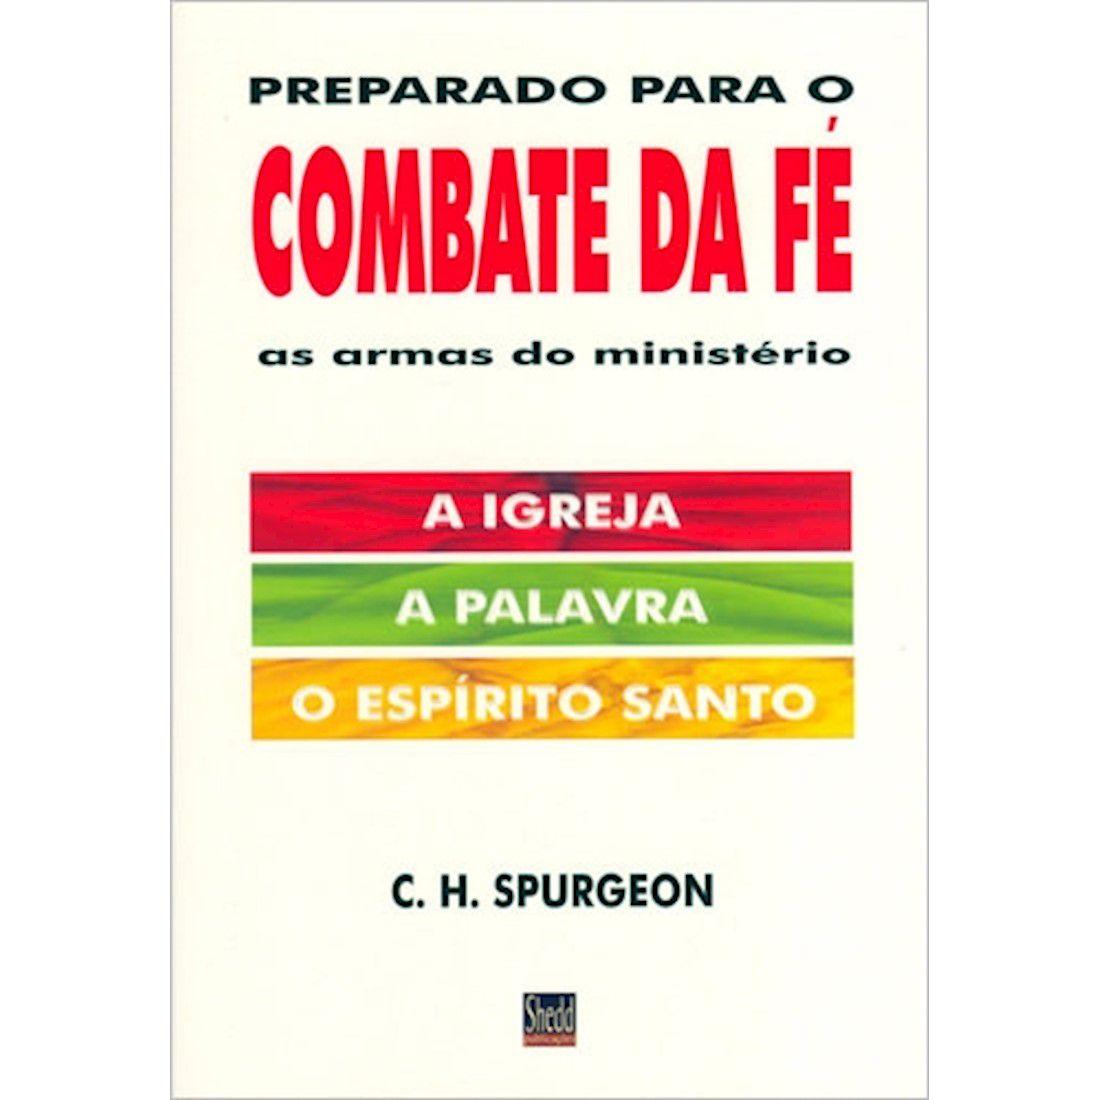 Livro Preparado para o Combate da Fé